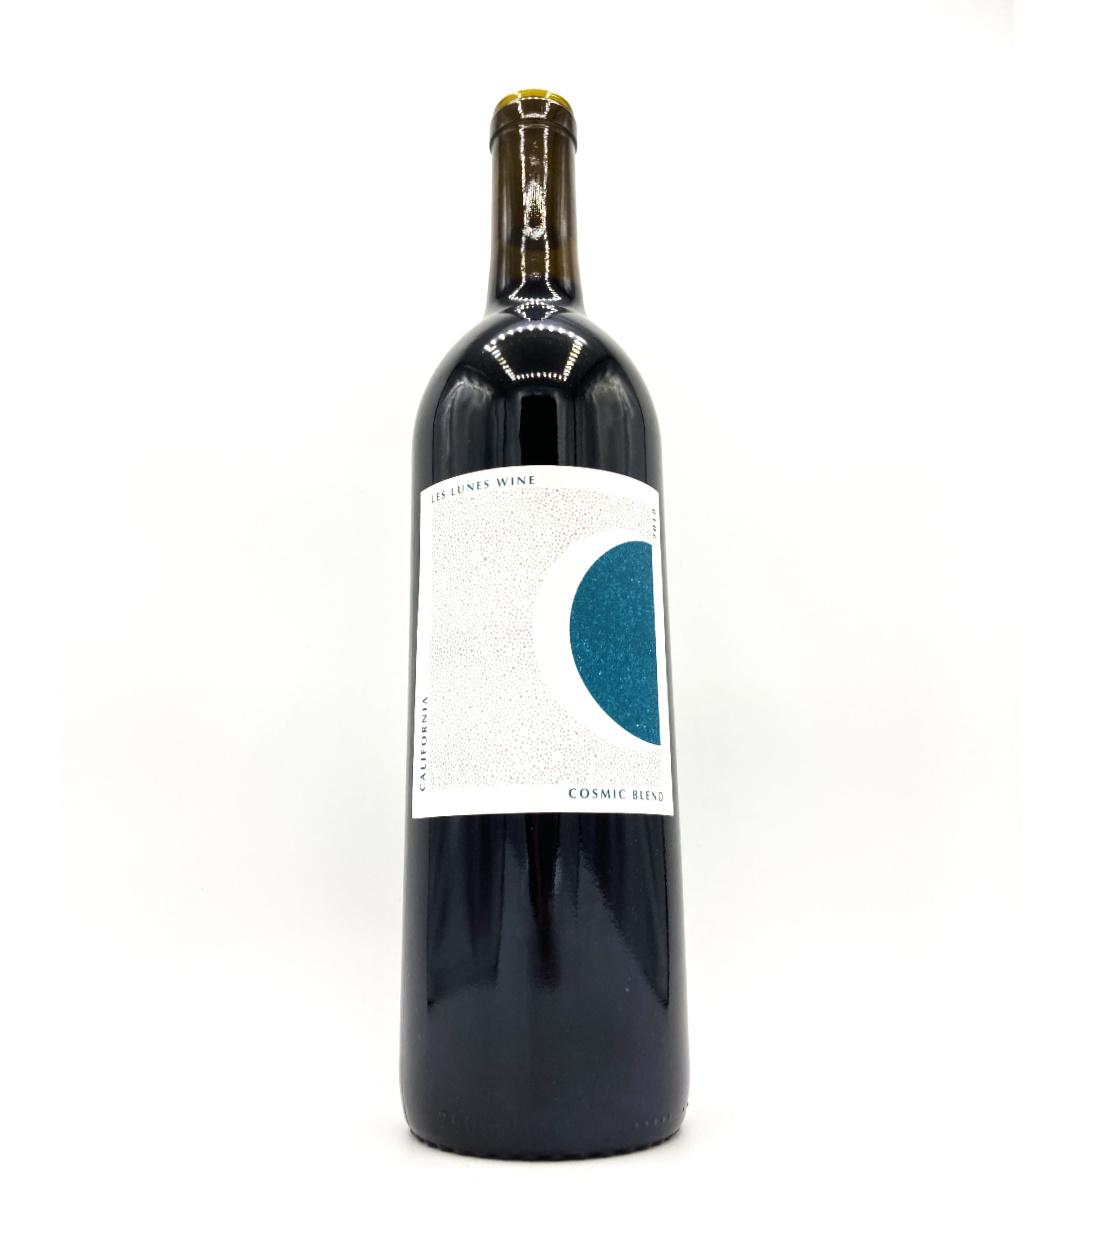 Cosmic Blend 2018 Les Lunes Wine